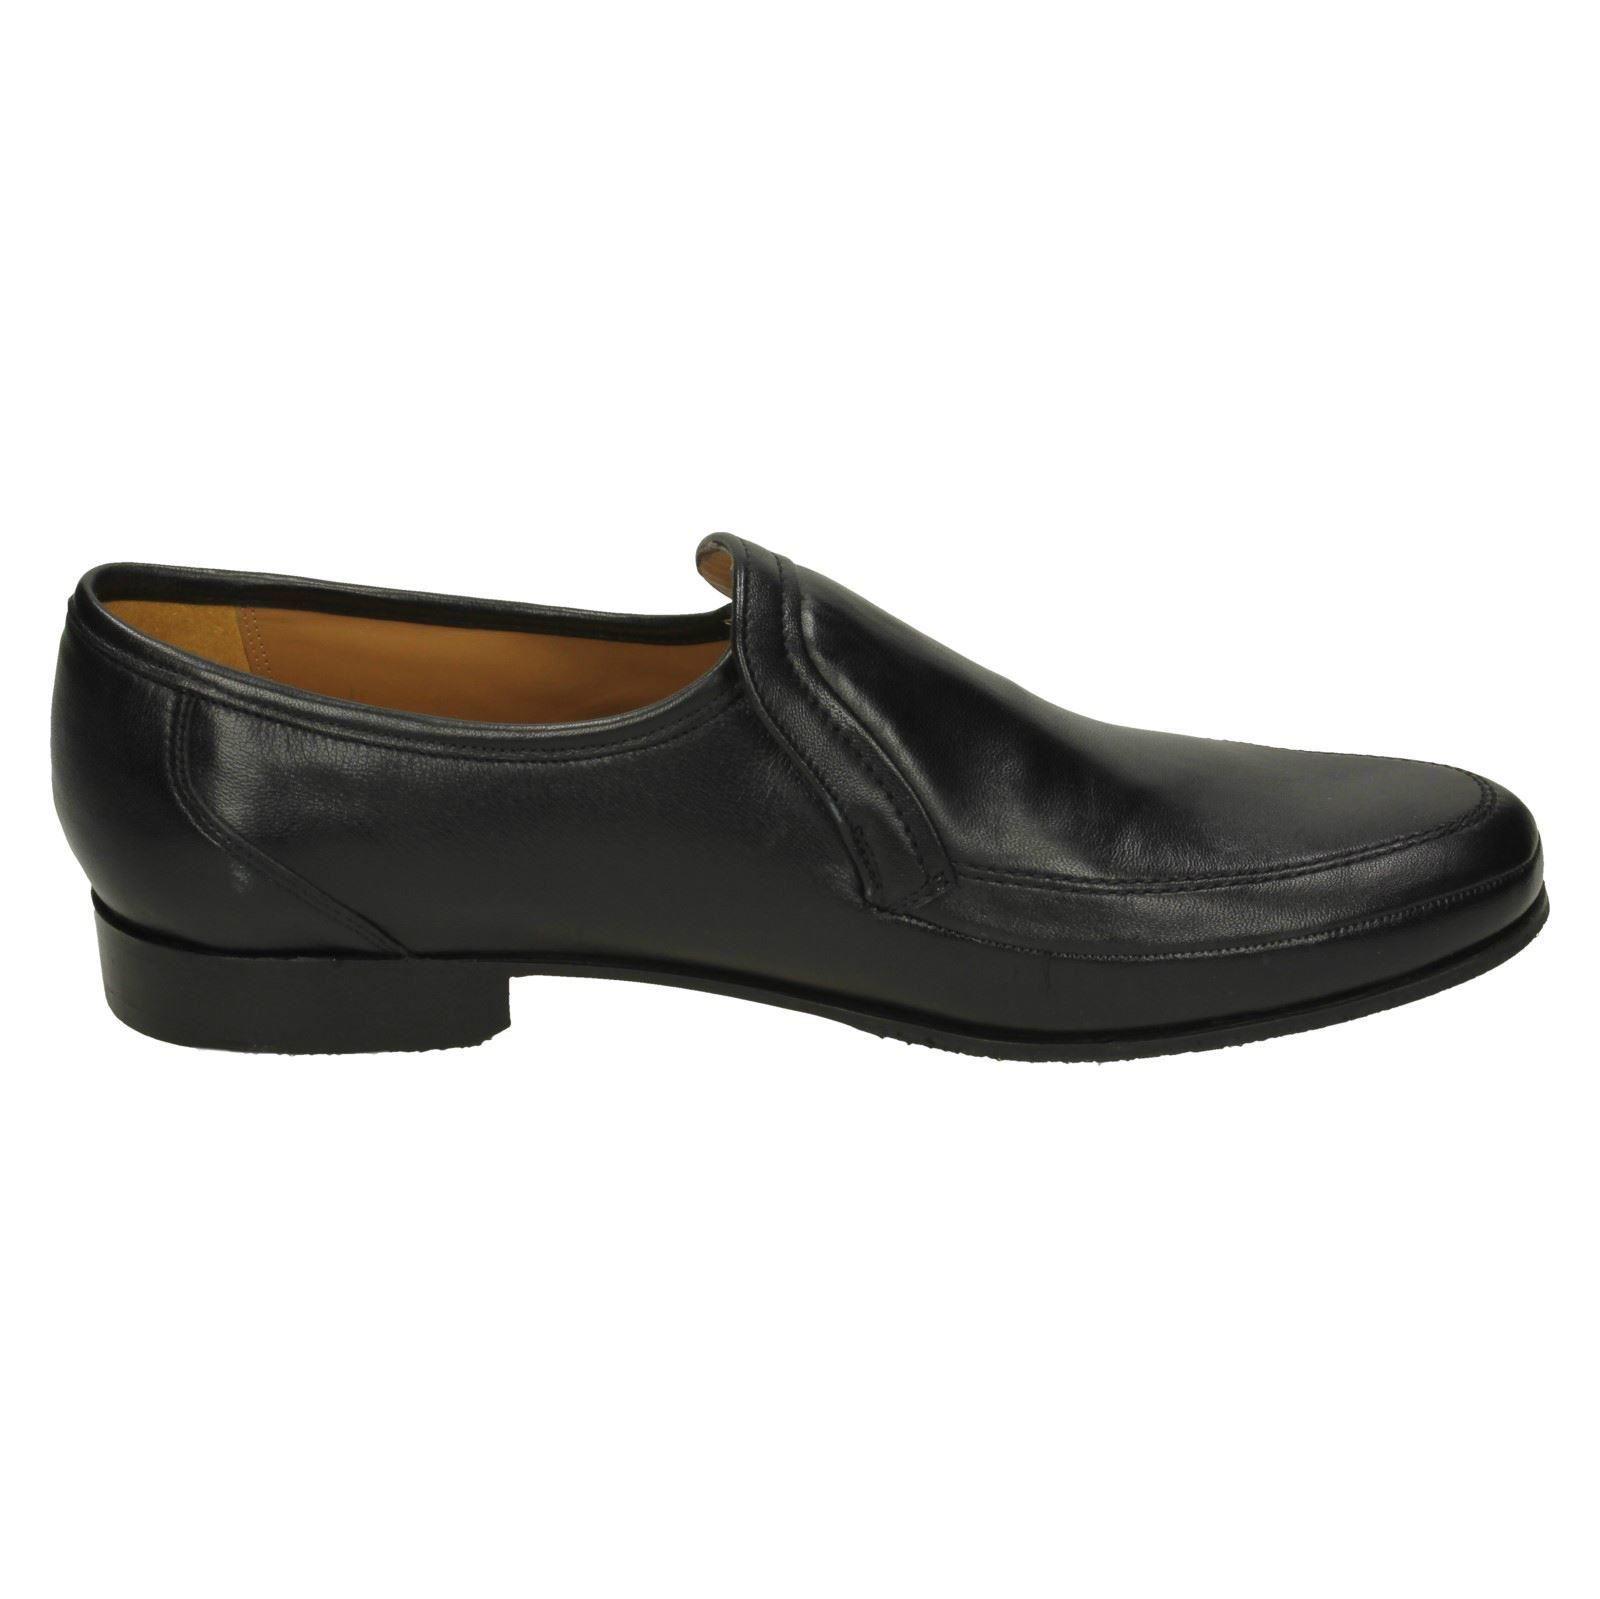 Homme / femme Beau Hommes Barker Smart Chaussures George Beau femme design Bon marché Forme actuelle 76720e